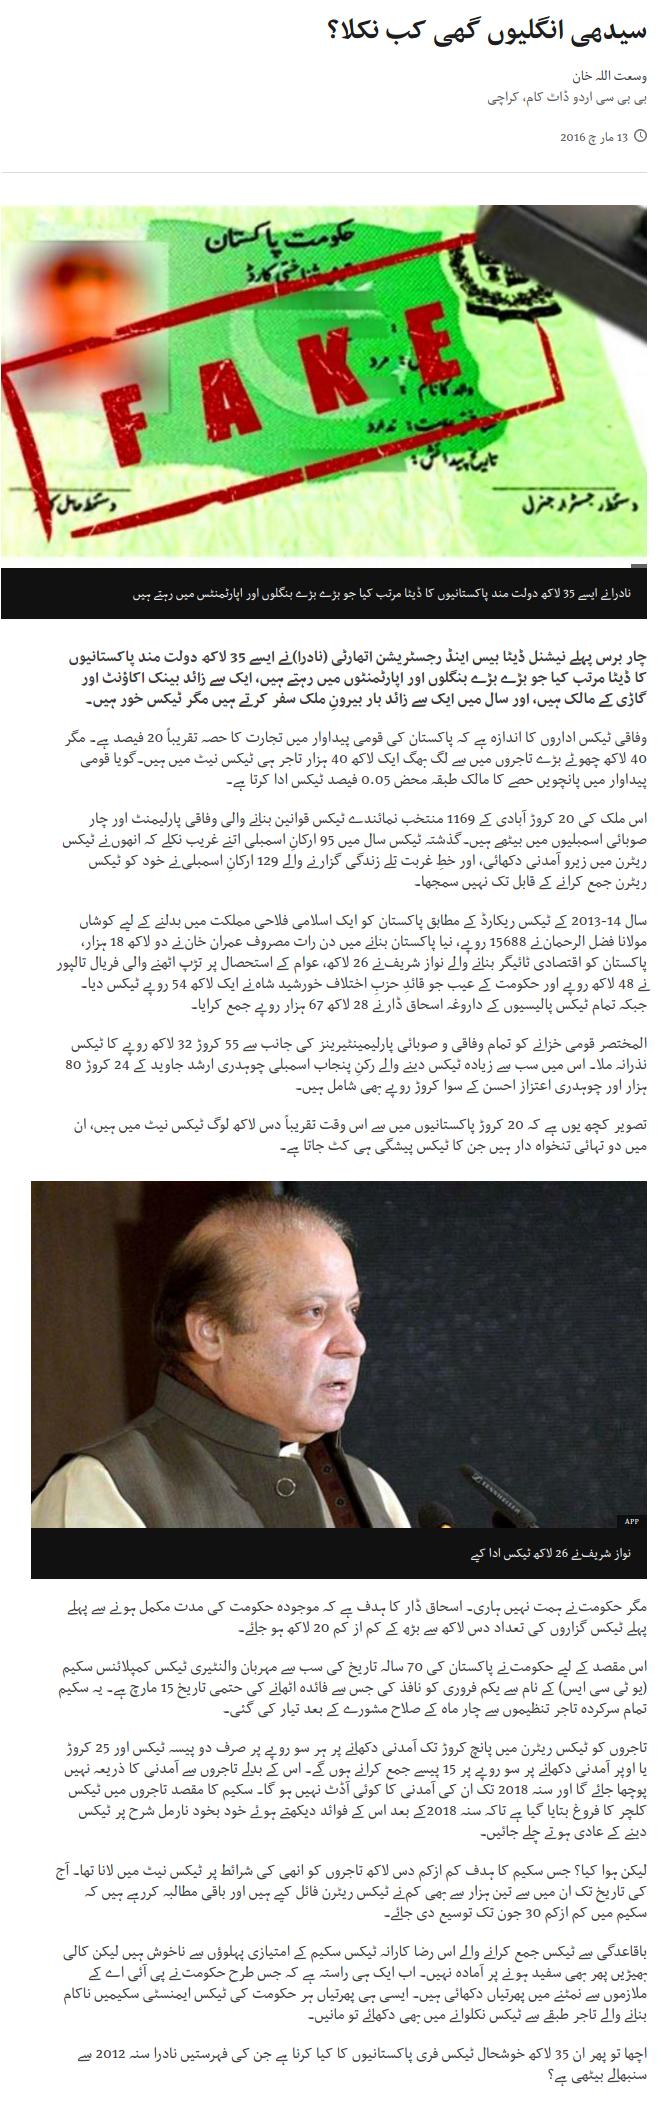 Wusatullah Khan | Seedhi Unglion Ghee Kab Nikla? | Baat Se Baat